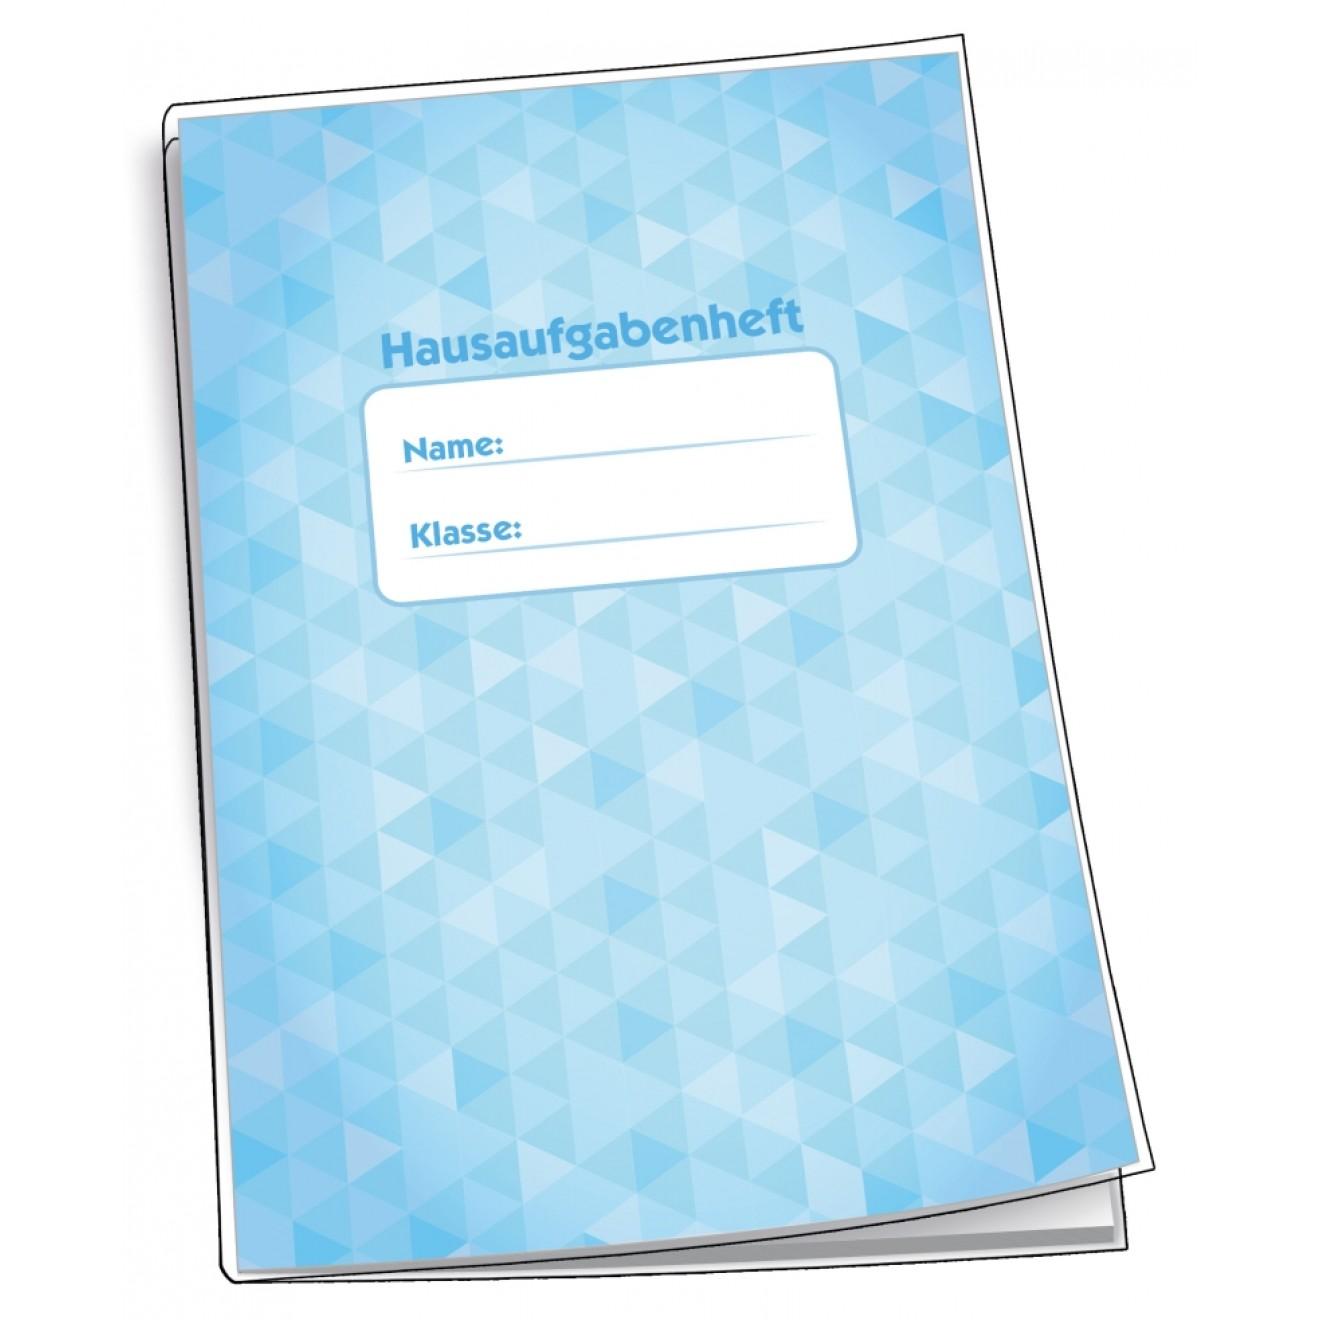 Trötsch Hausaufgabenheft für Schlaue A5 96 Seiten mit Schutzumschlag